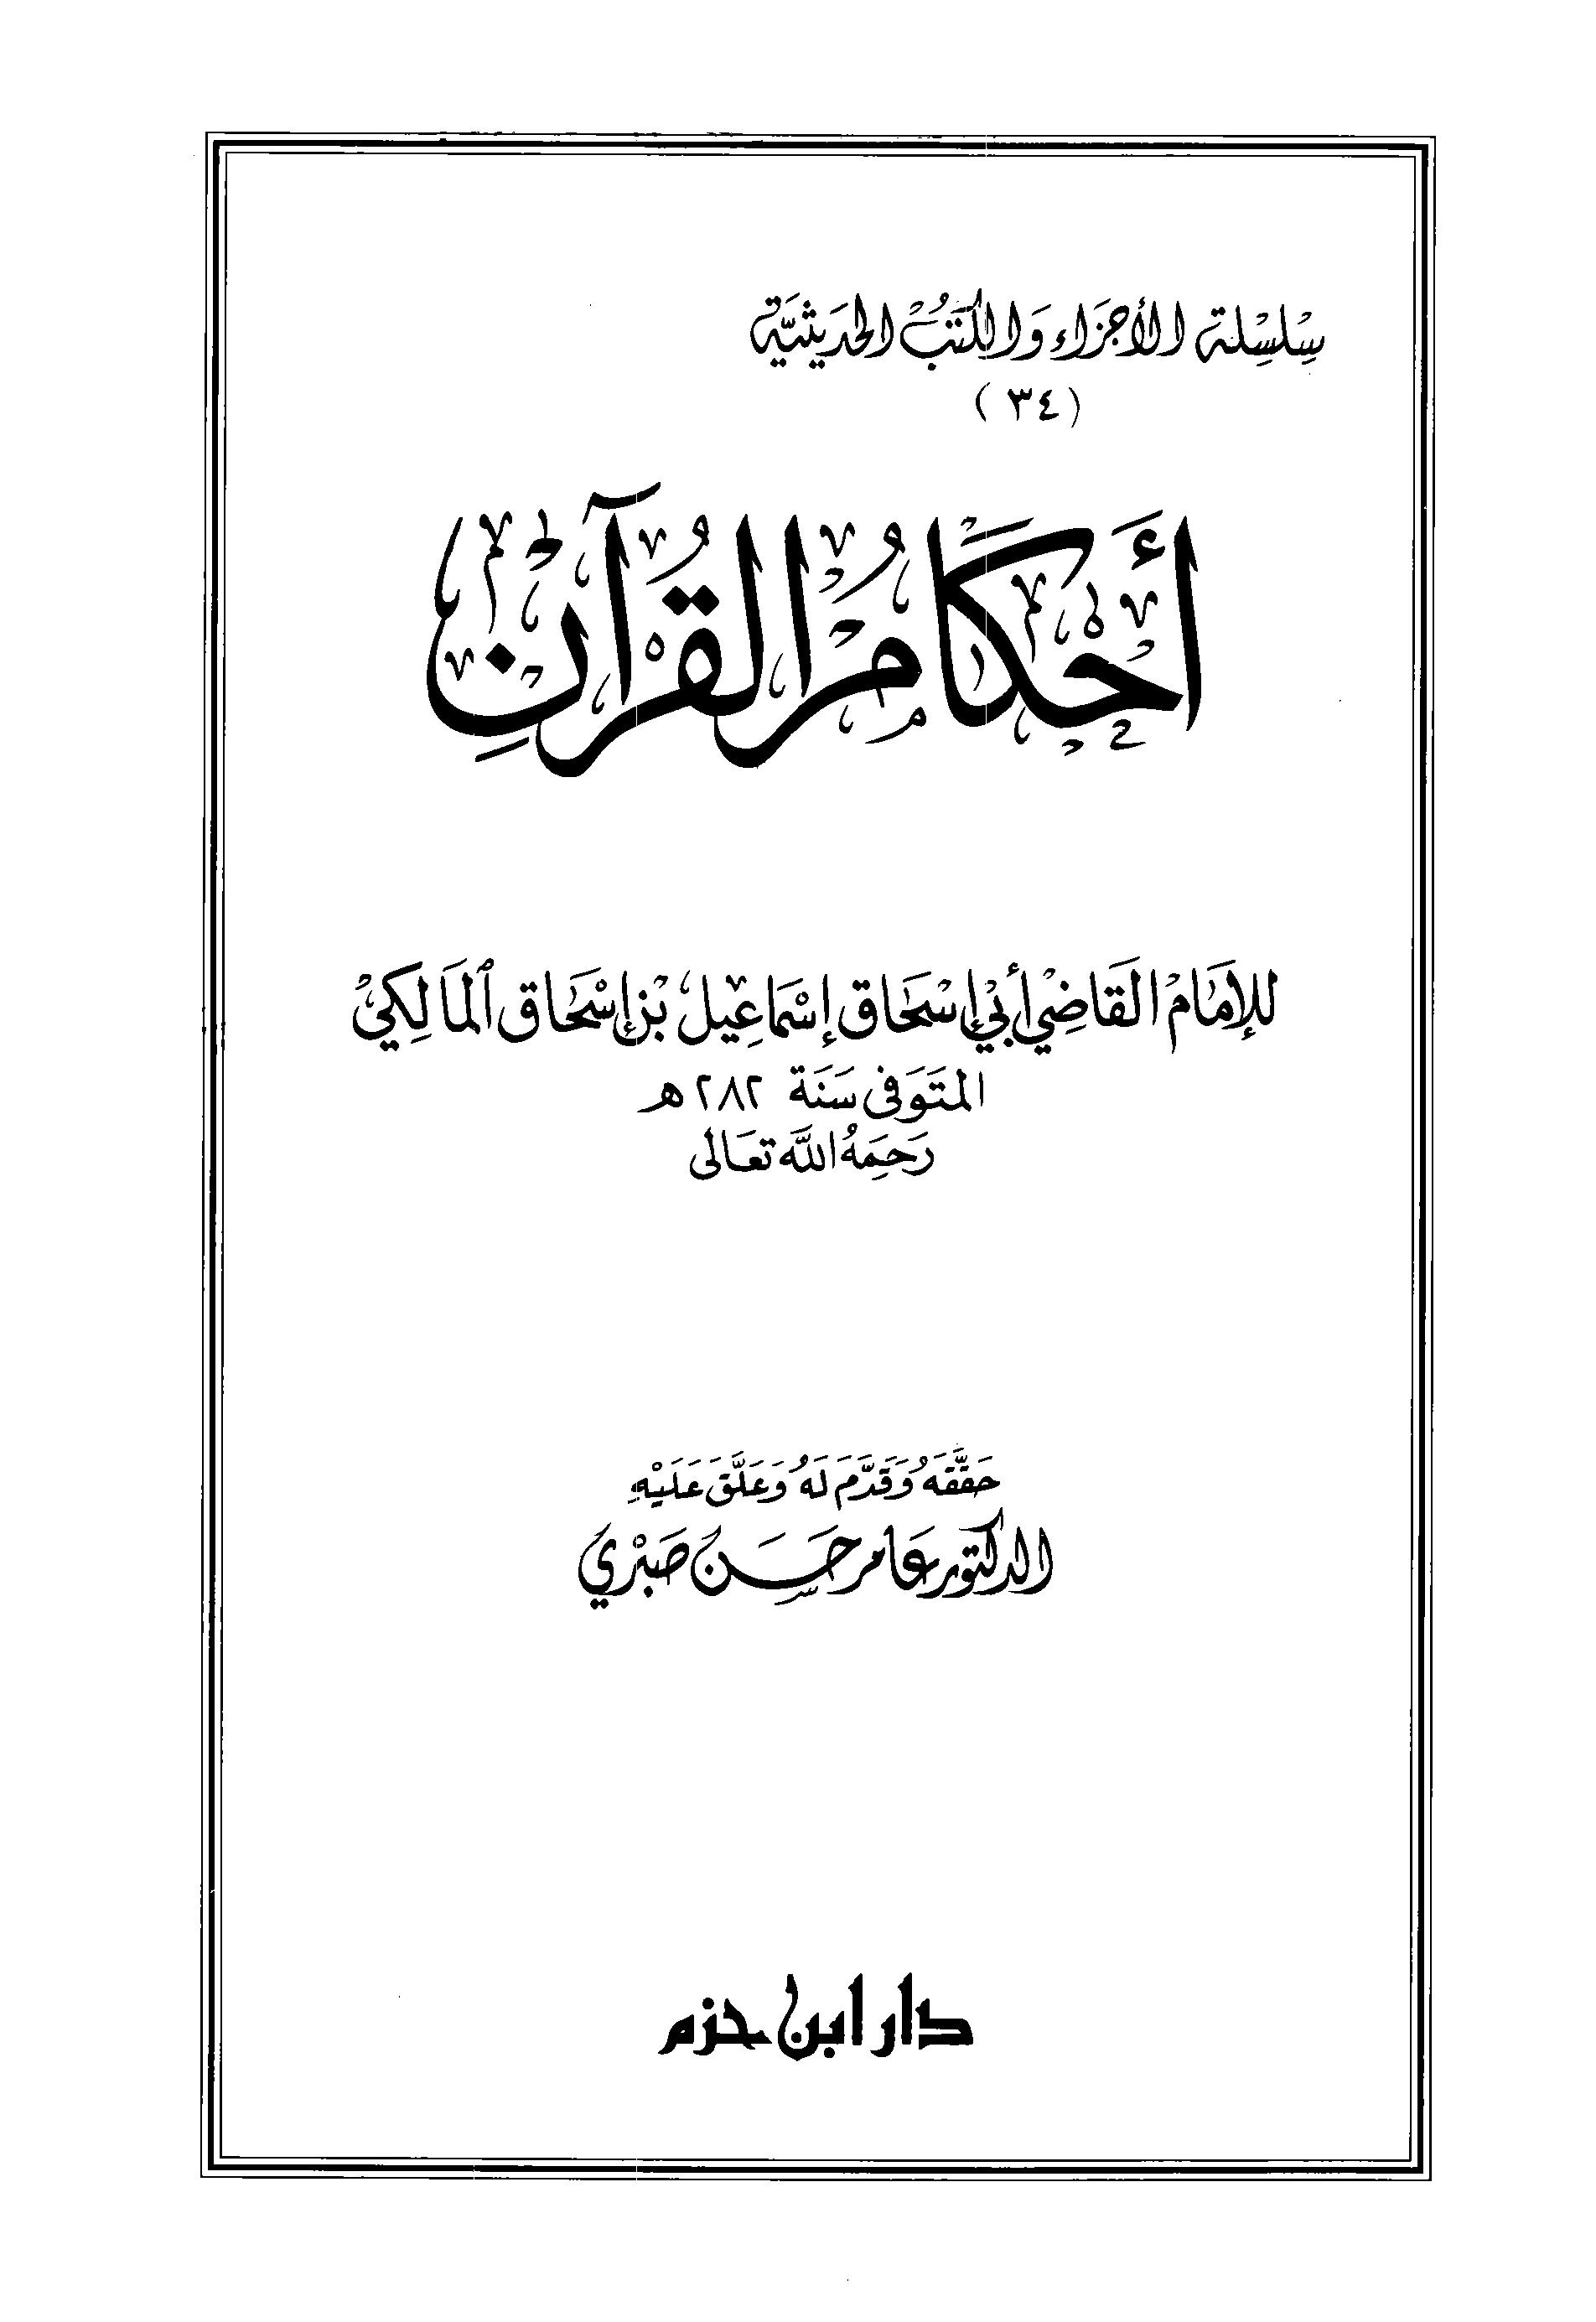 تحميل كتاب أحكام القرآن (الجهضمي) لـِ: الإمام أبو إسحاق إسماعيل بن إسحاق الجهضمي الأزدي المالكي (ت 282)